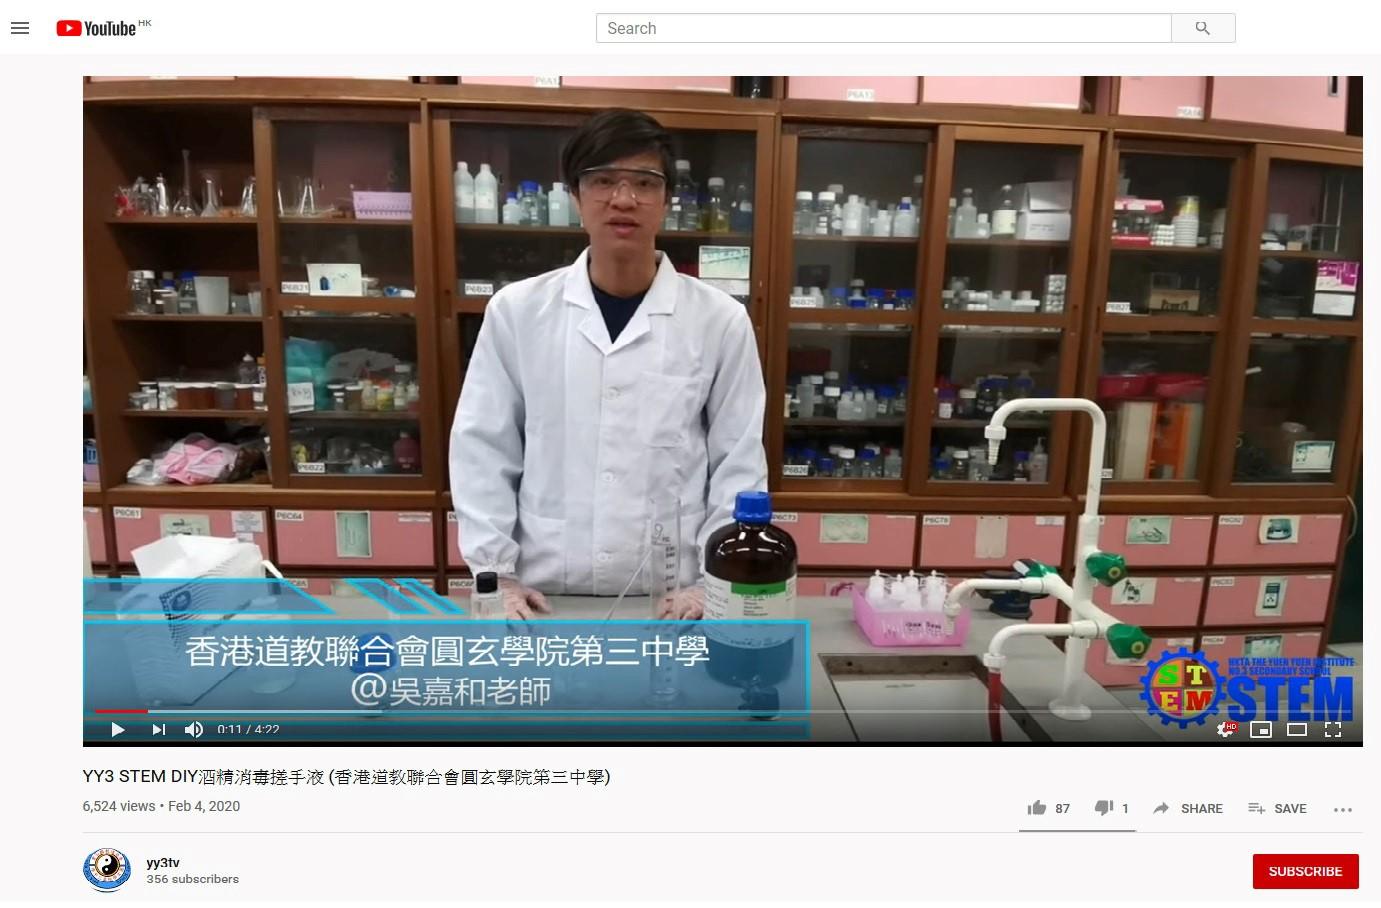 圓玄三中STEM數理科技組主任吳嘉和老師的拍攝教學片段,教導學生在家製作酒精消毒搓手液。影片也開放給公眾參考,除本校學生外,社區人士亦獲益良多。(圓玄三中提供)